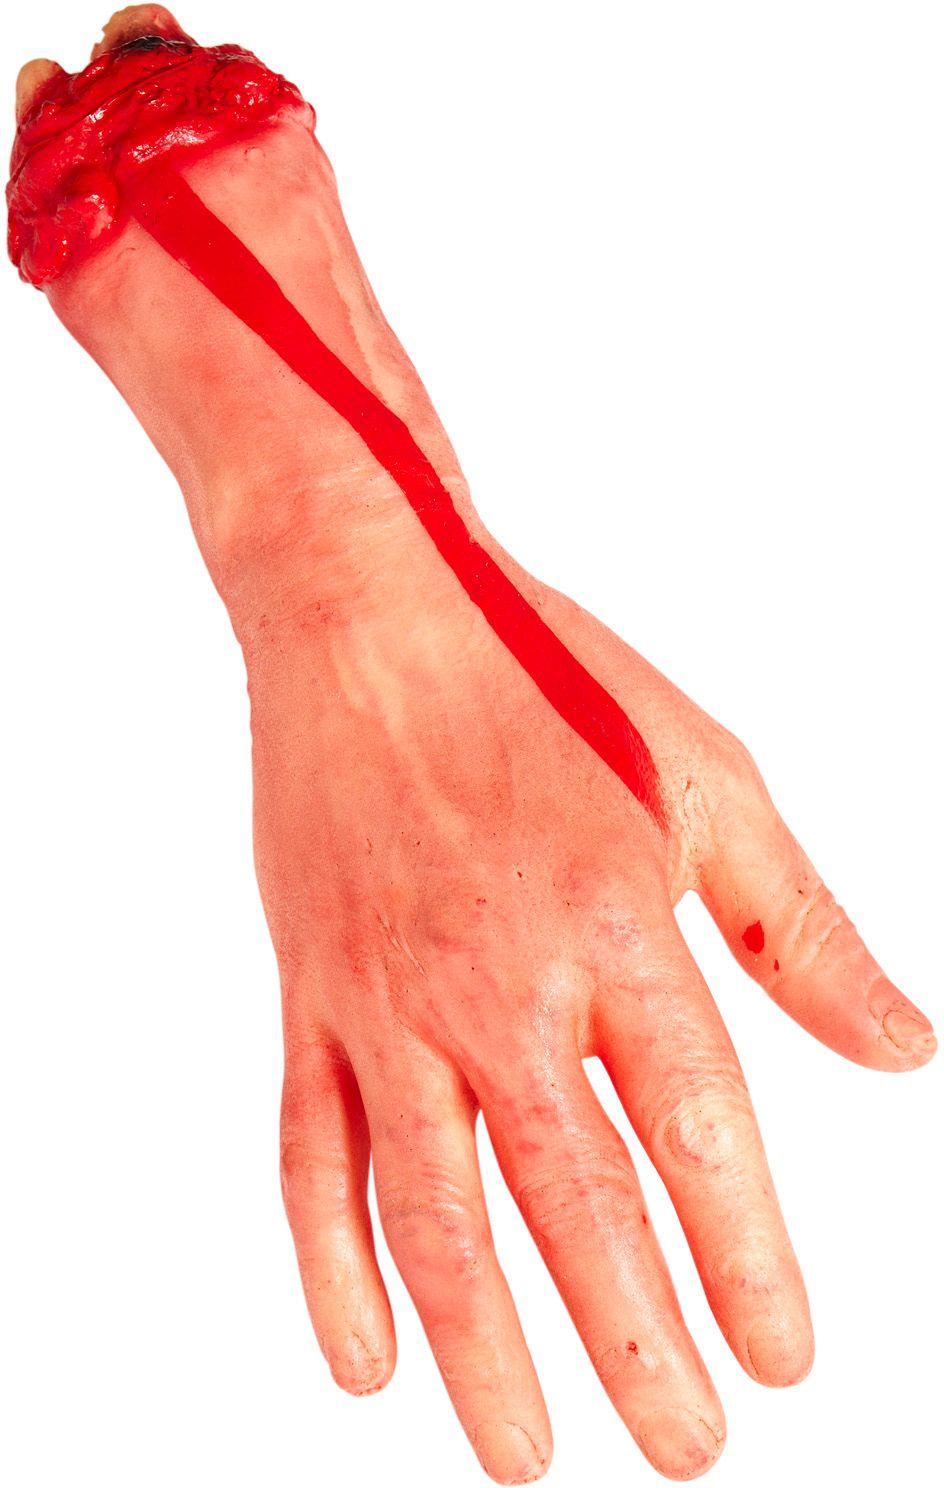 Afgesneden hand